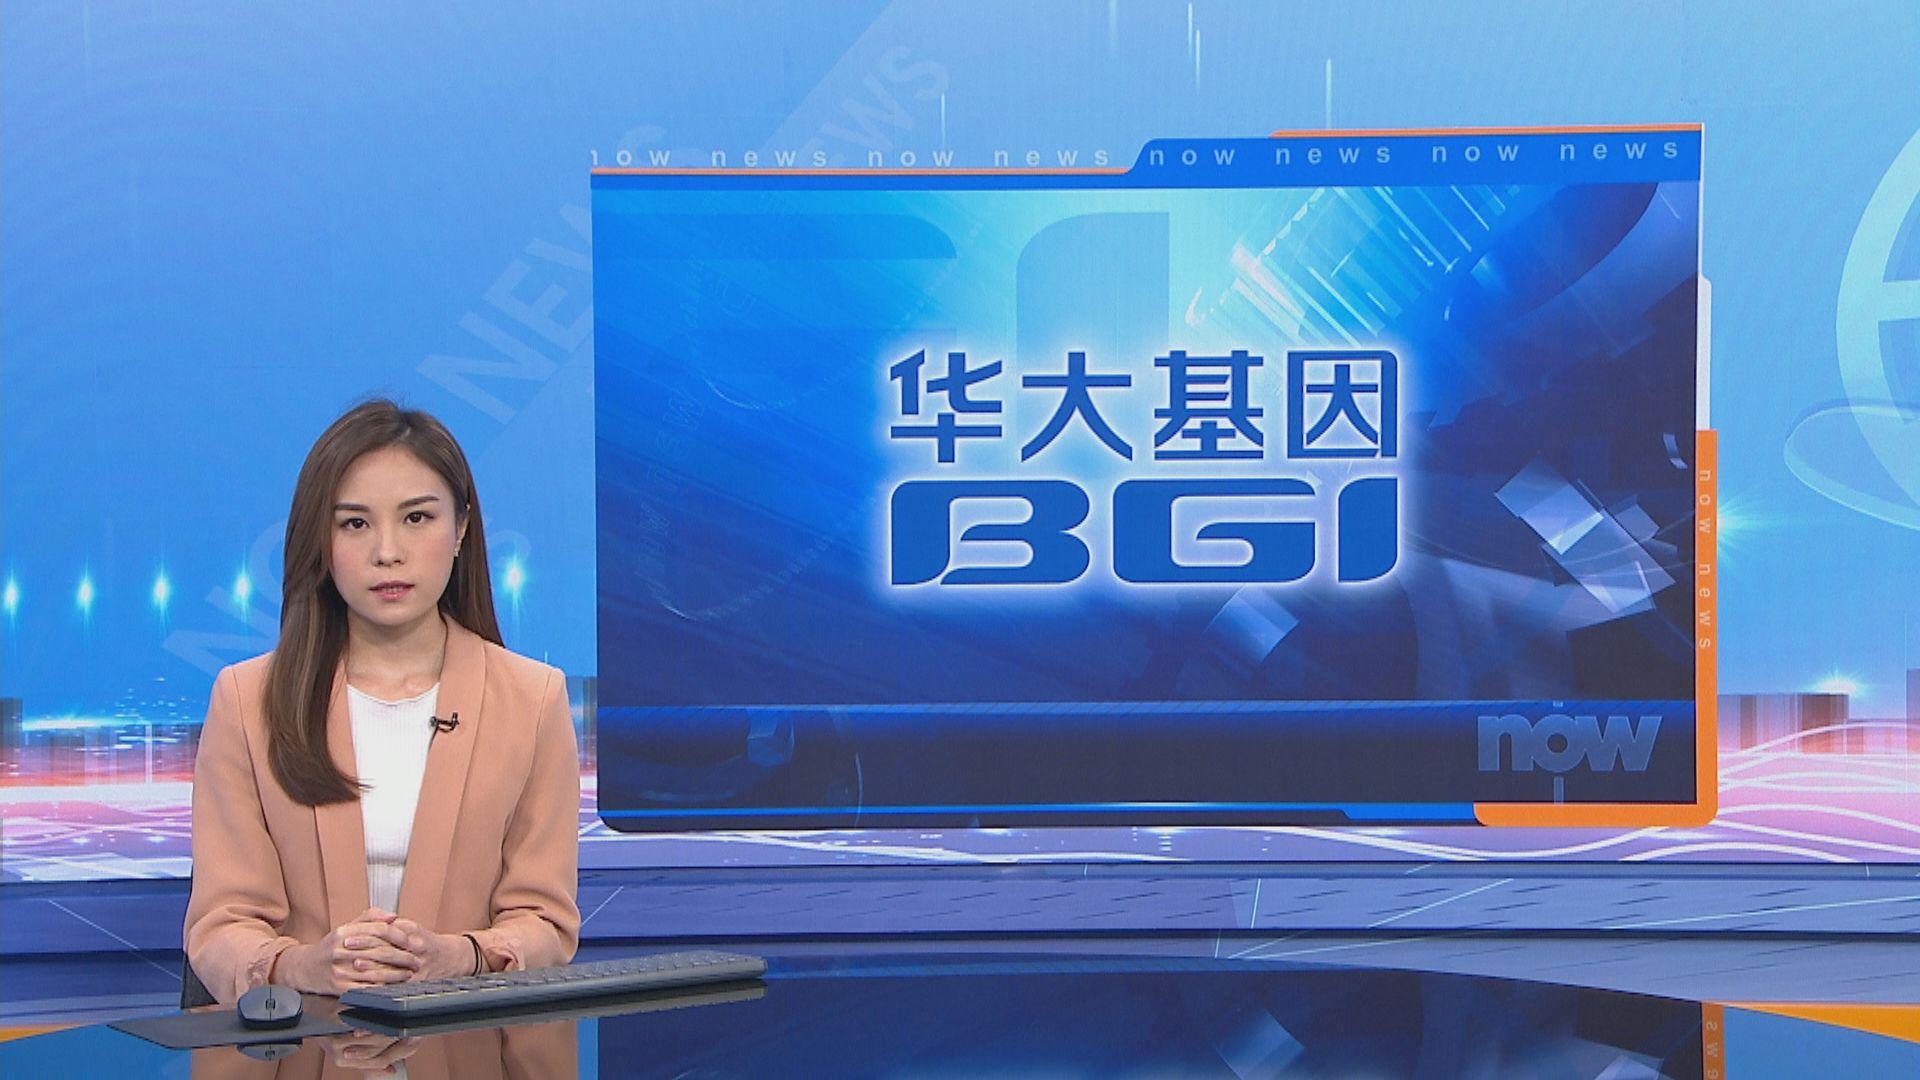 華大基因被入稟指試劑侵權 華昇:不涉及全民檢測試劑